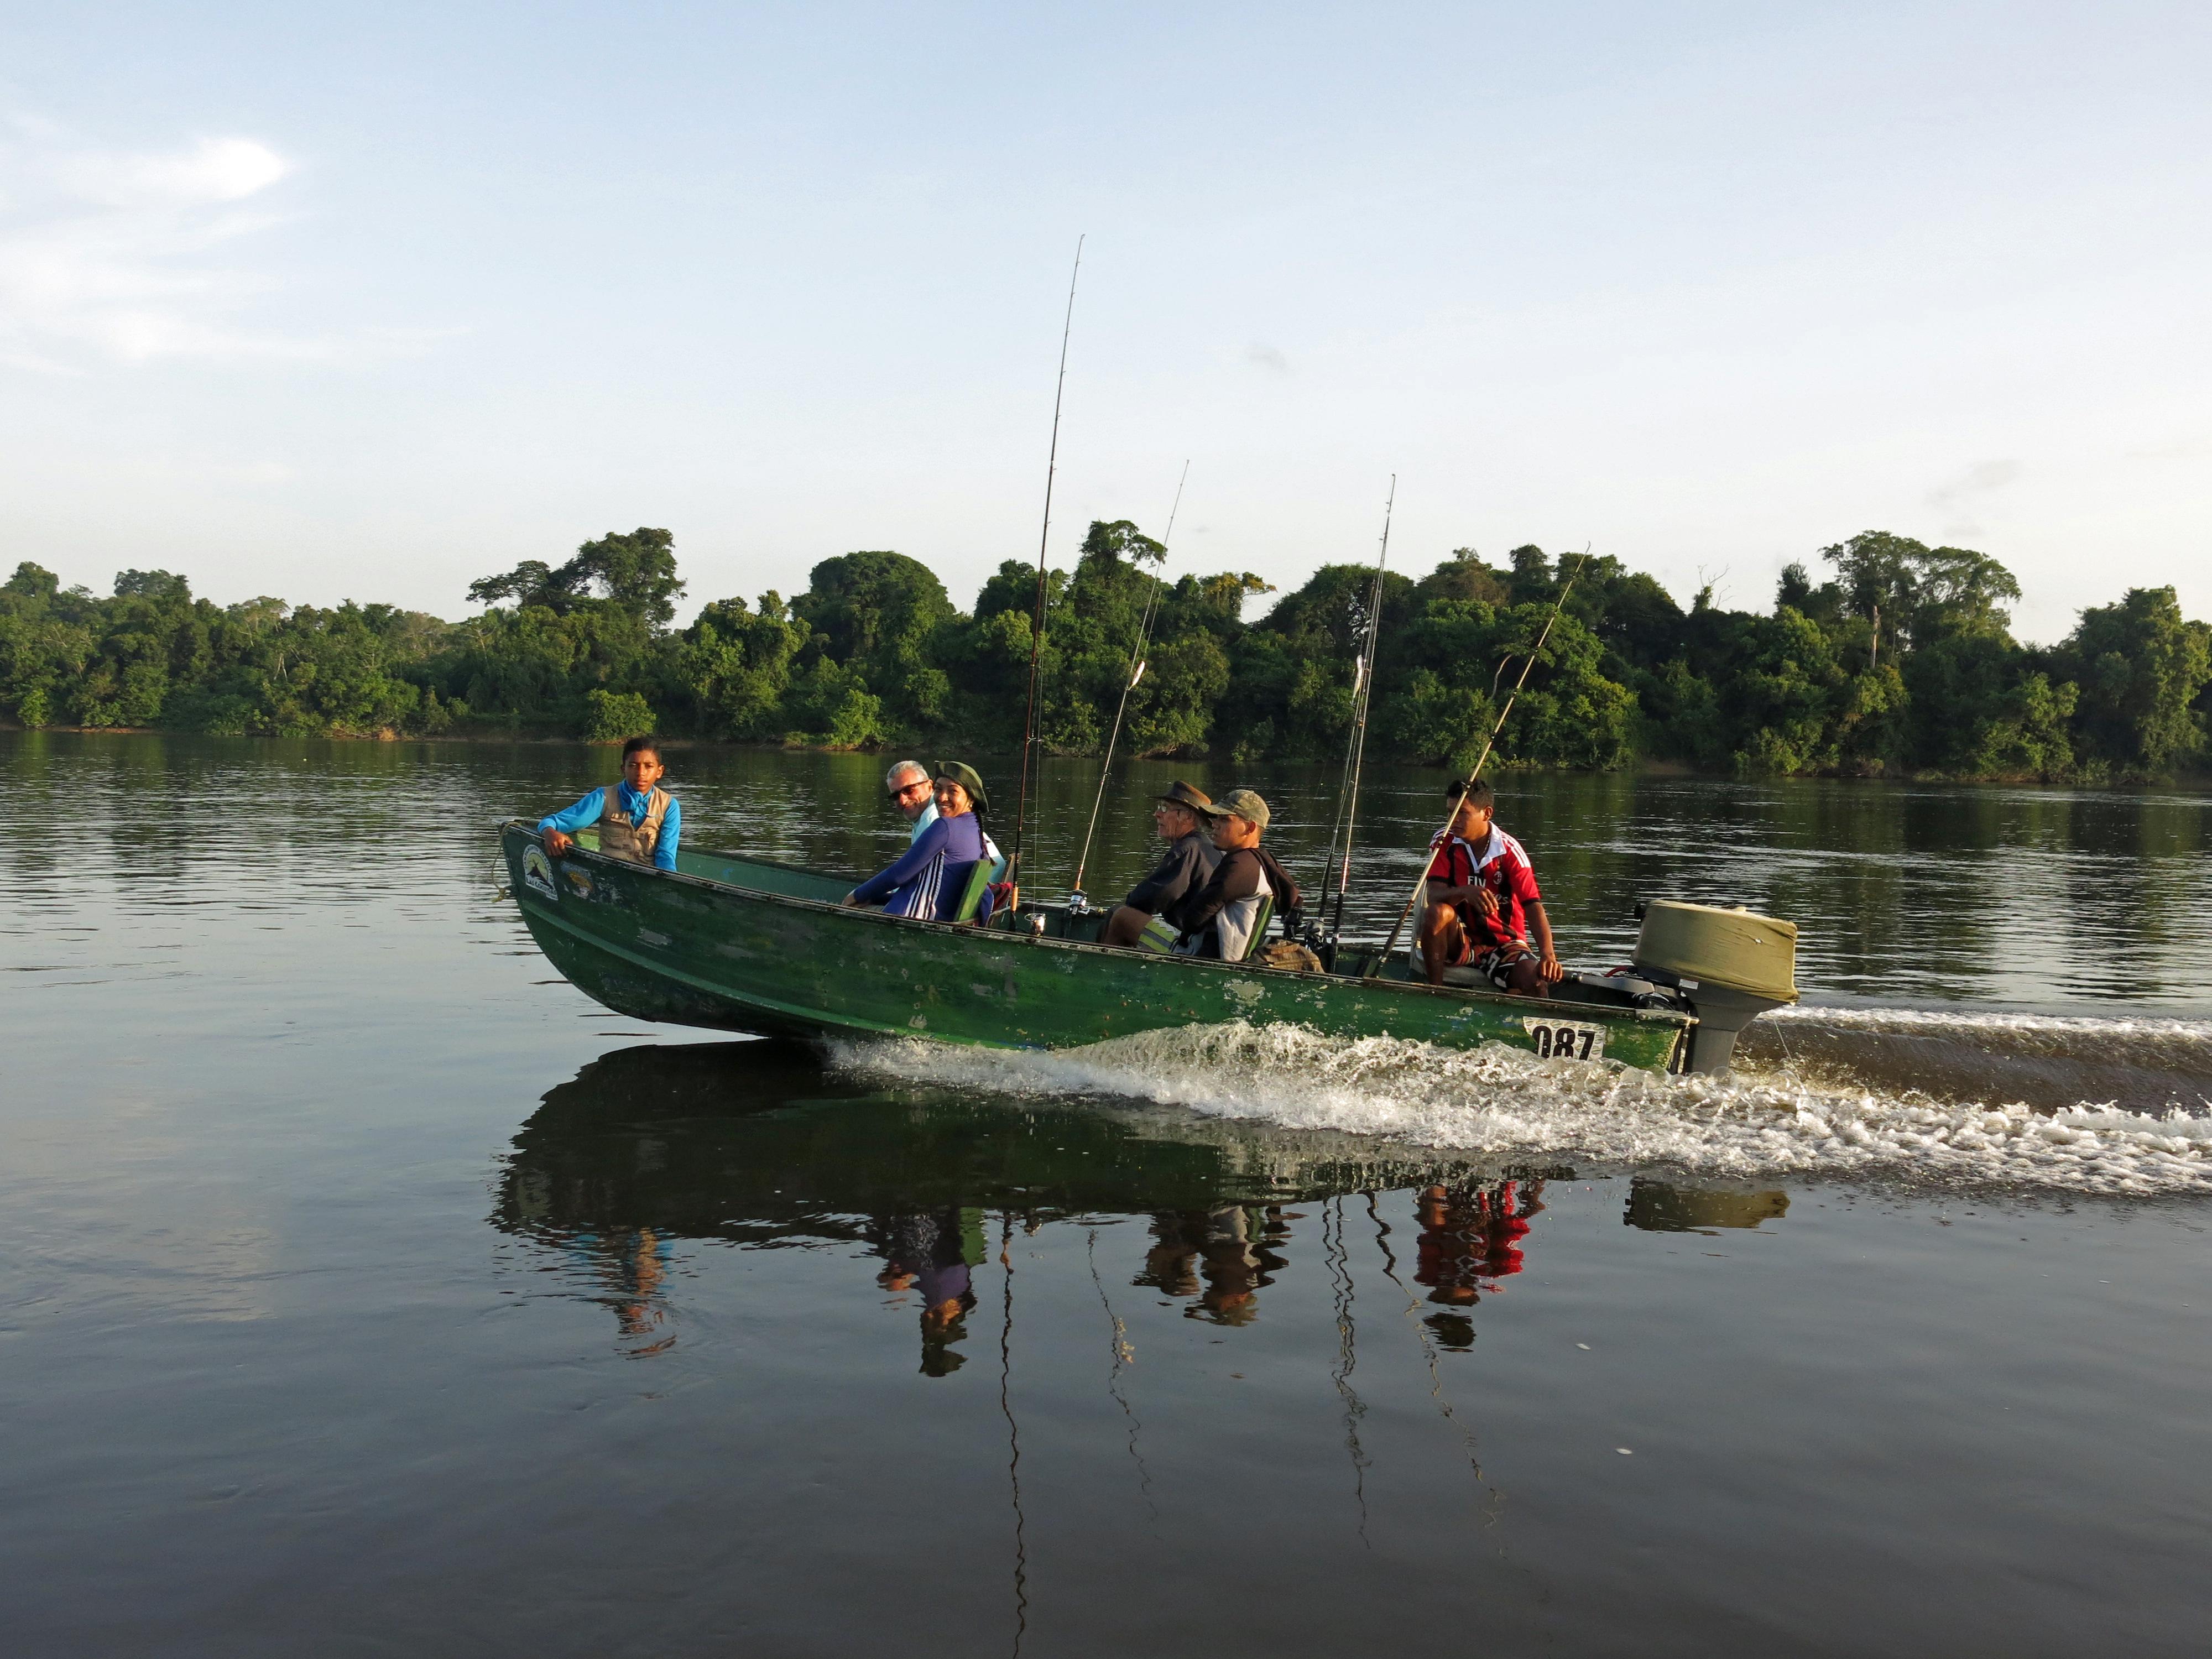 bateau_voyage_peche_venezuela